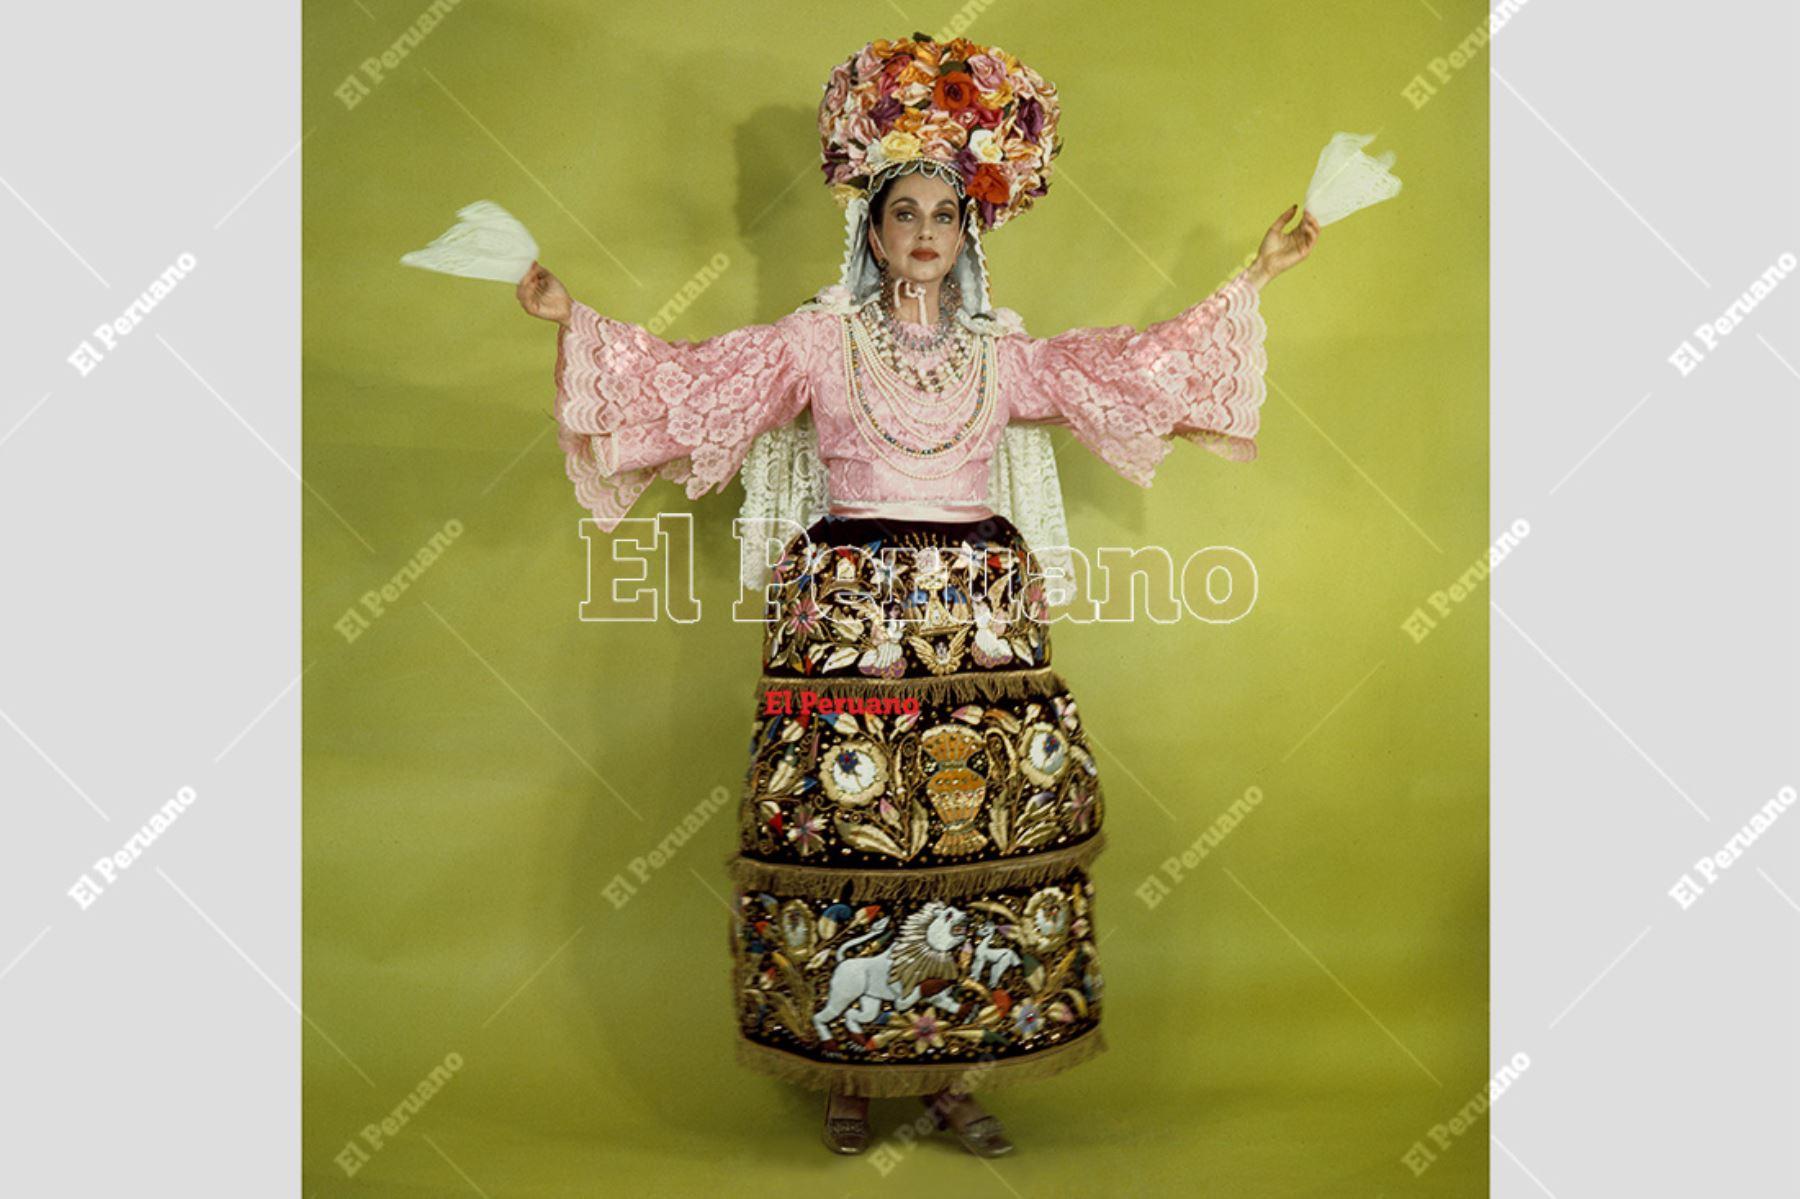 Lima - 1976. La destacada cantante Alicia Maguiña posa para una producción especial del diario La Crónica. Foto: Archivo Histórico de El Peruano